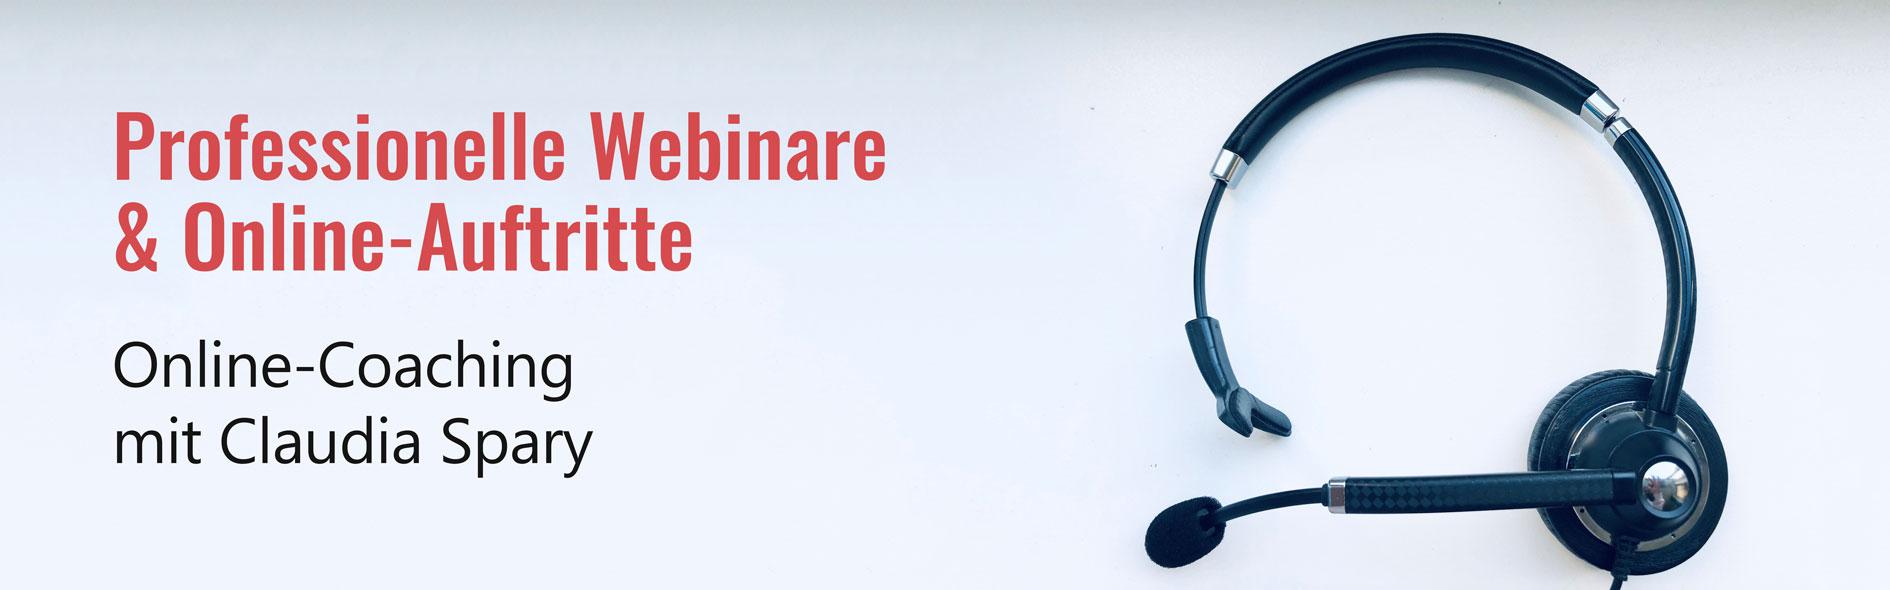 Online-Coaching-für-Online-Auftritte-&-Webinare